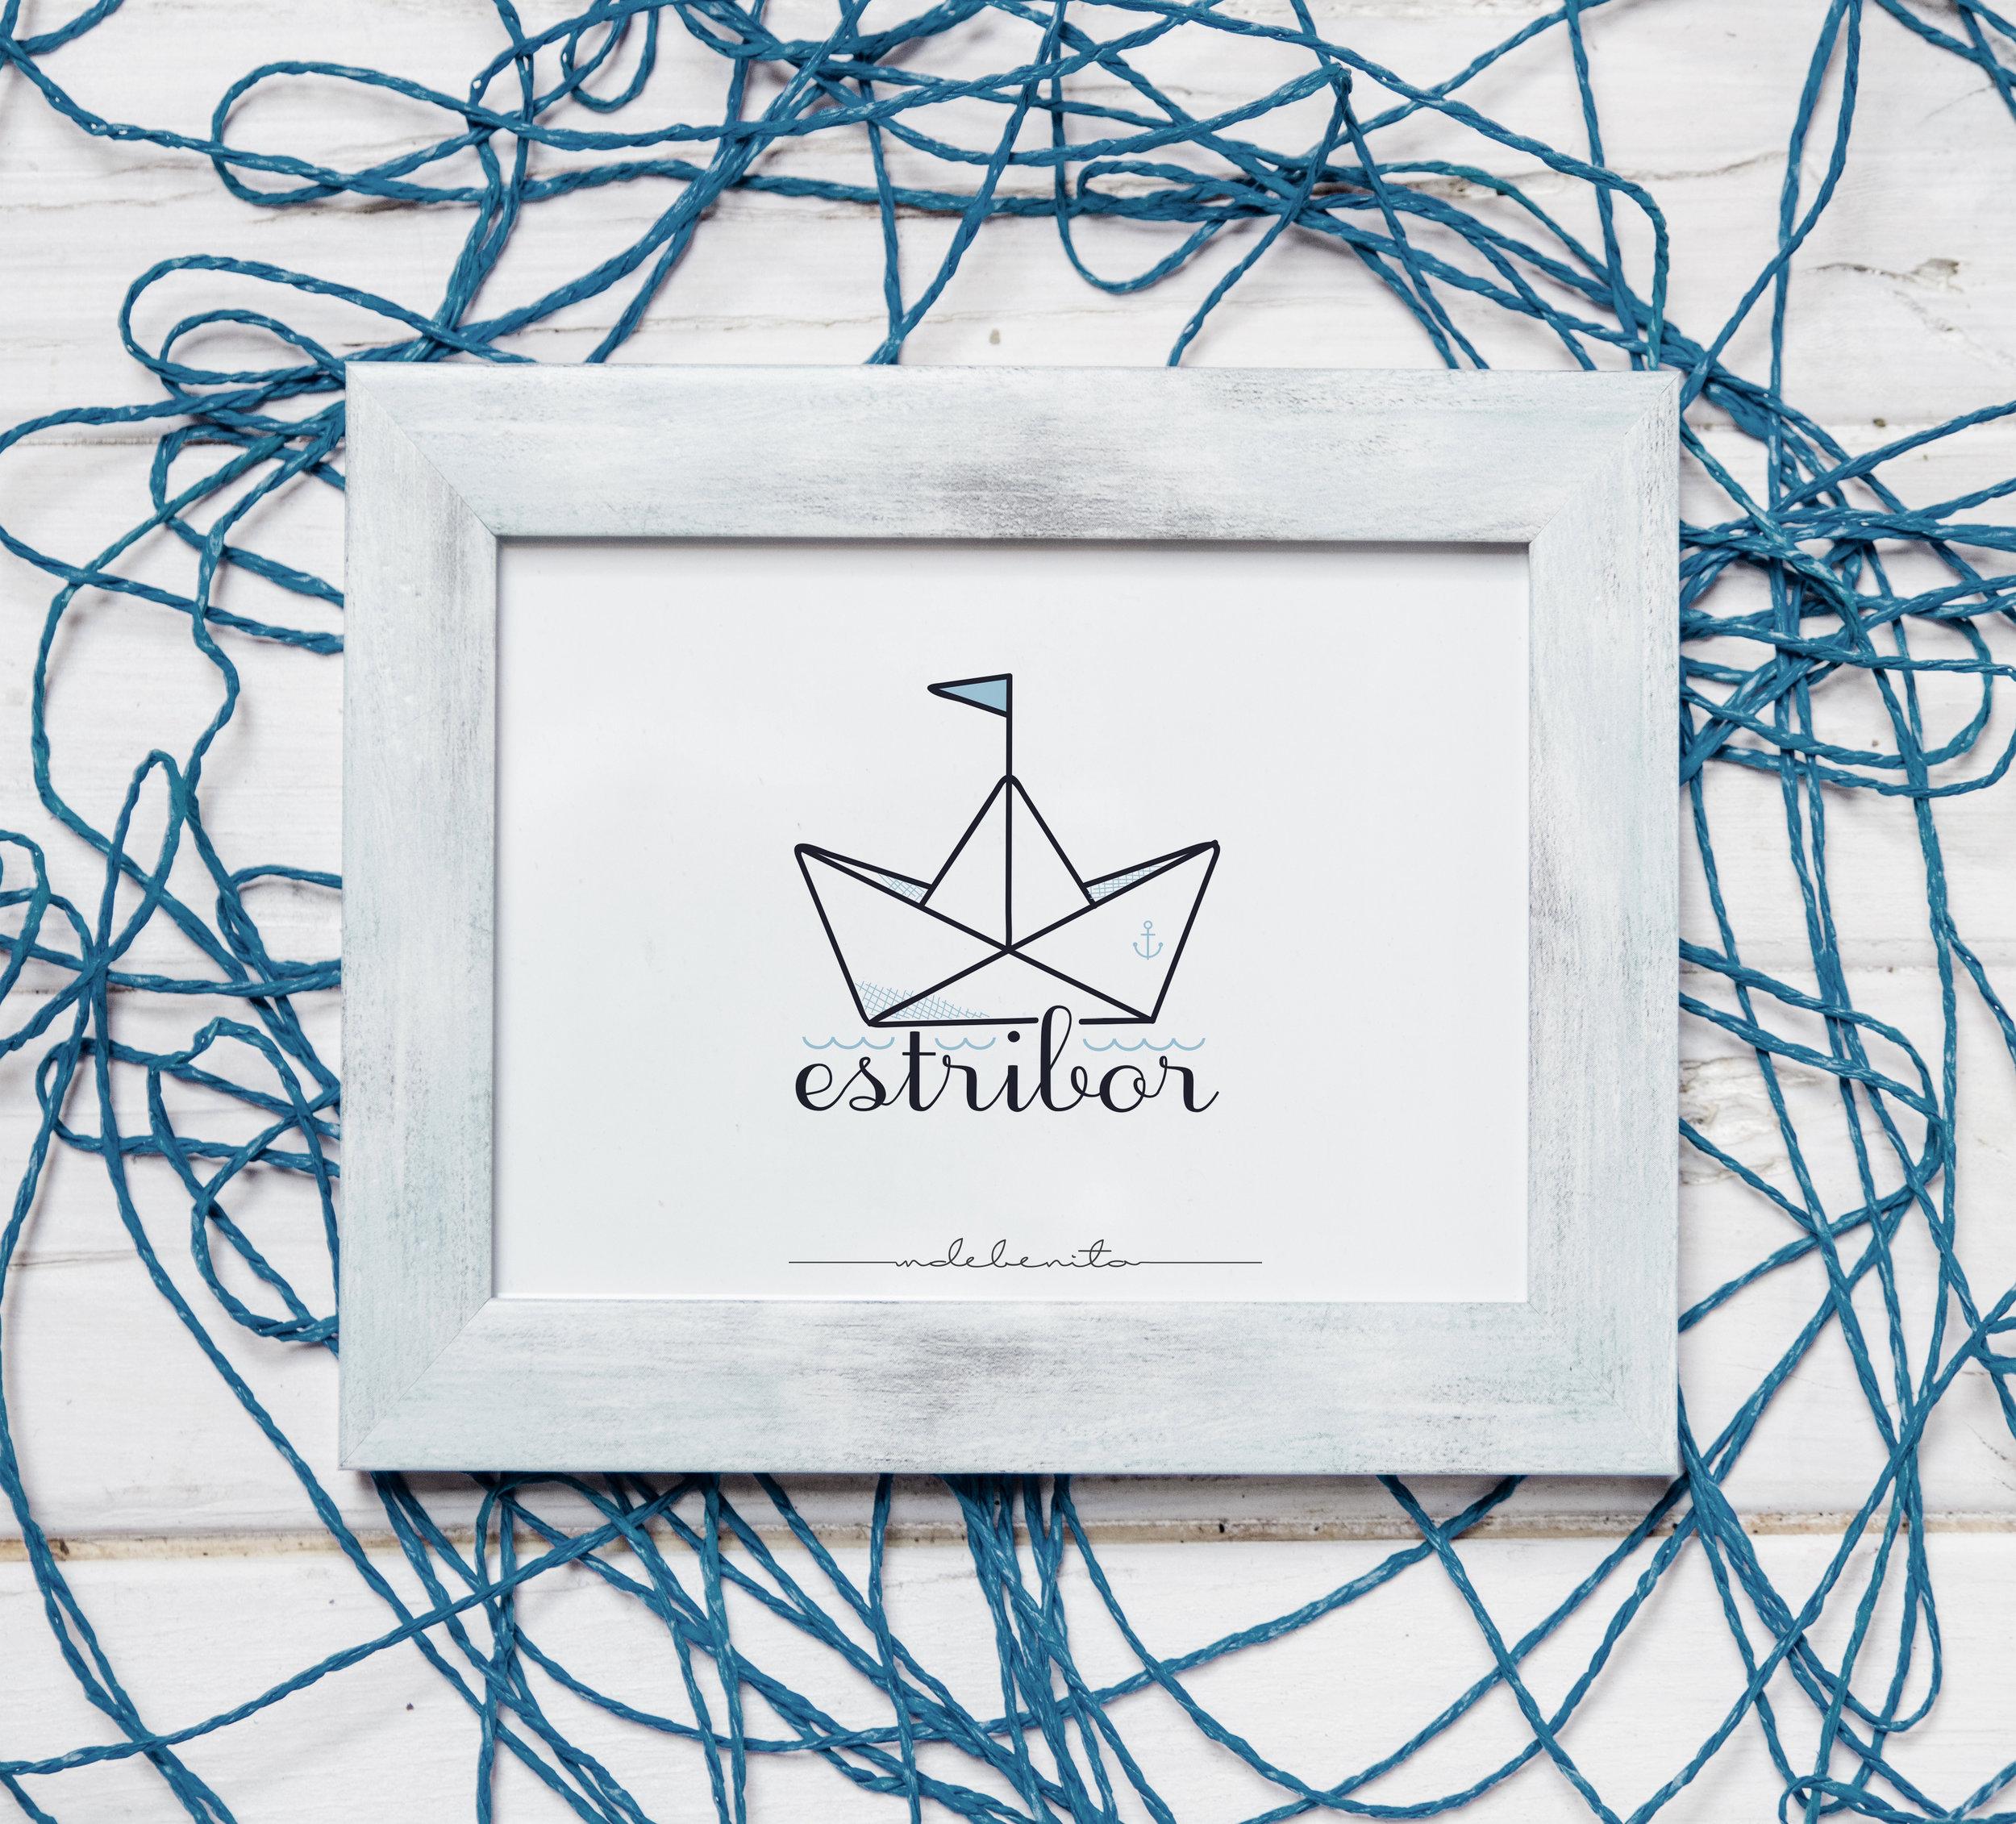 logotipo-mdebenito-estribor-cosmetico-bebe.jpg